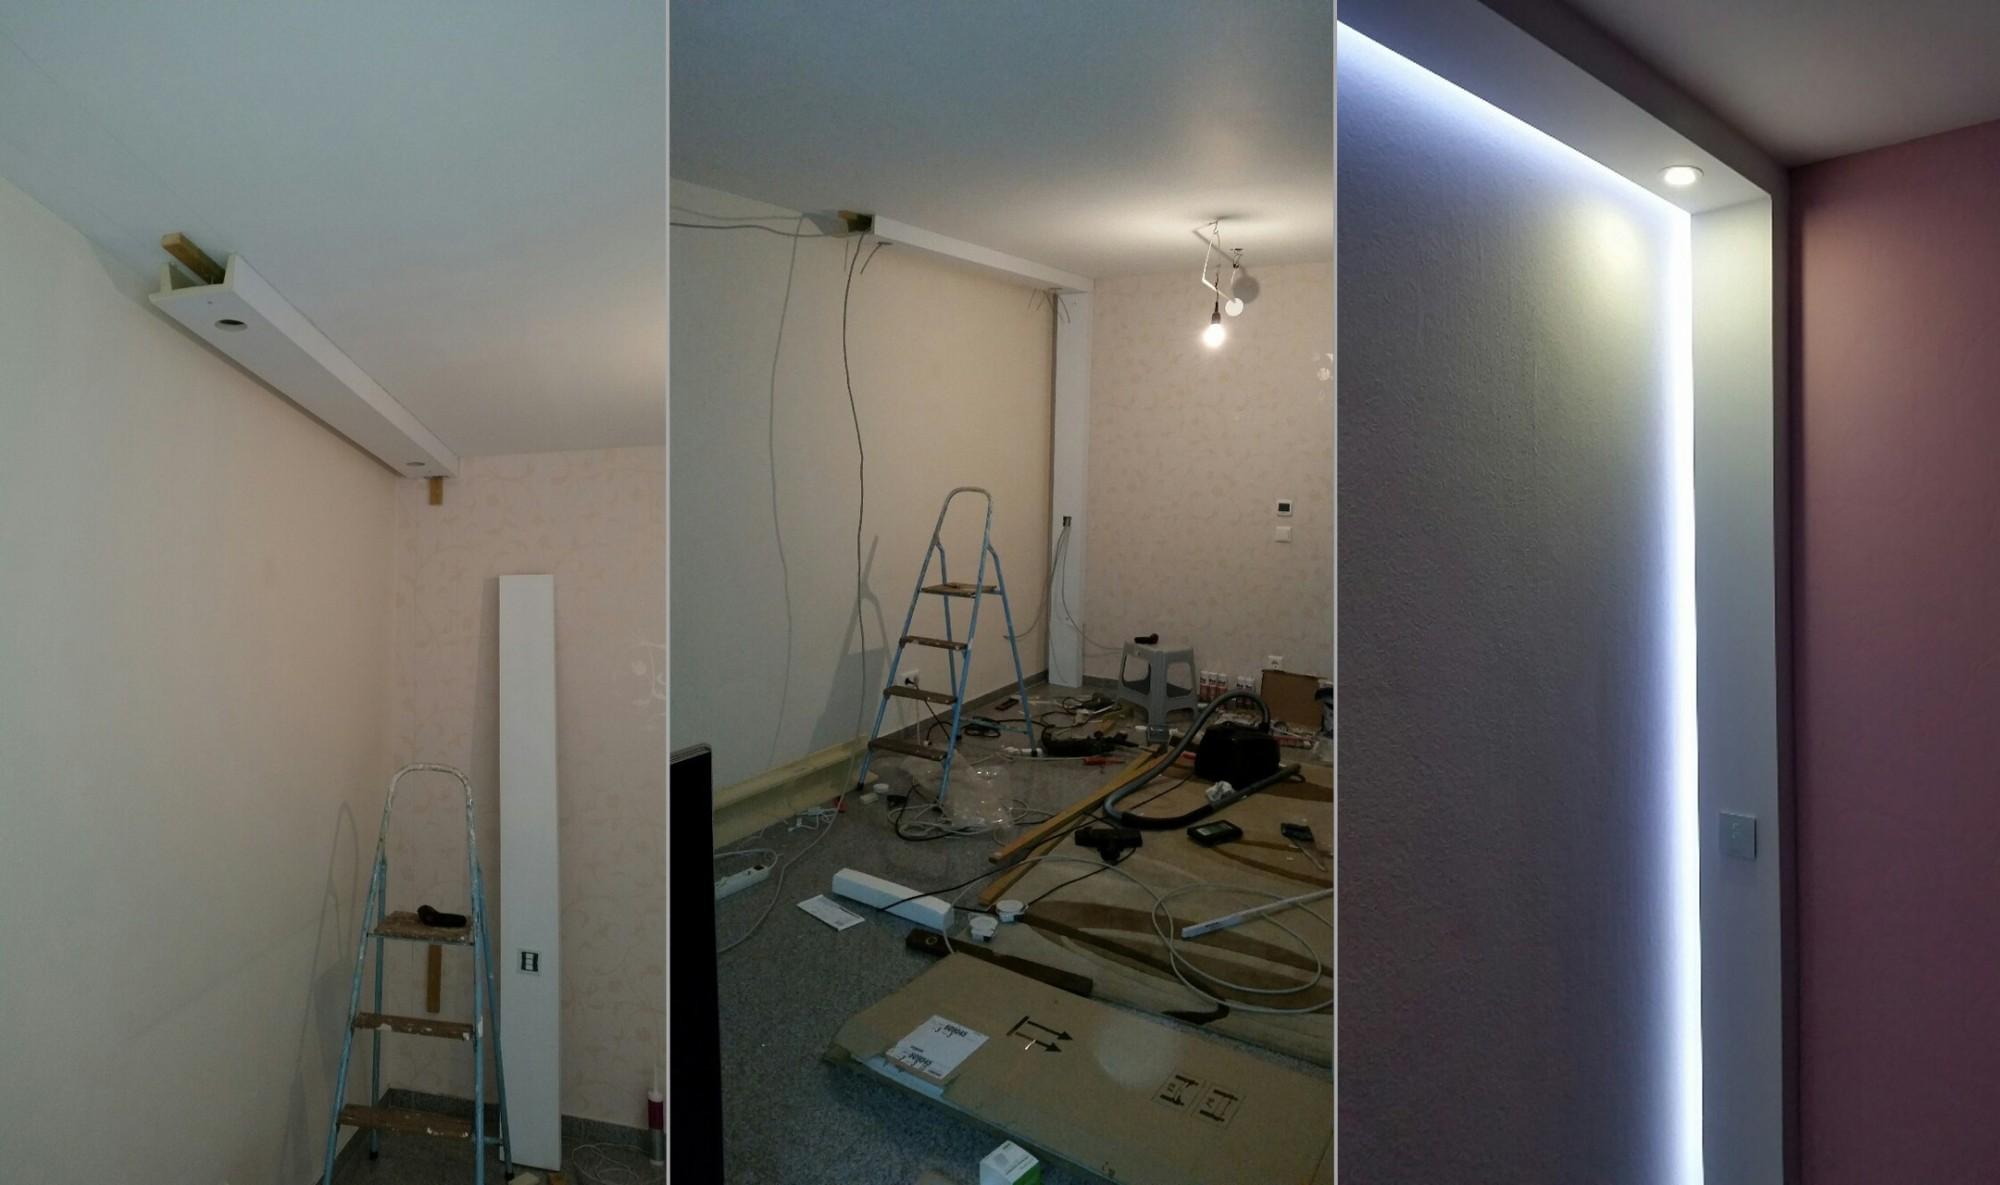 2 meter pu spots kasten led leuchten stuck deckenprofil sto fest 80x200 led 11 led stuckprofile. Black Bedroom Furniture Sets. Home Design Ideas